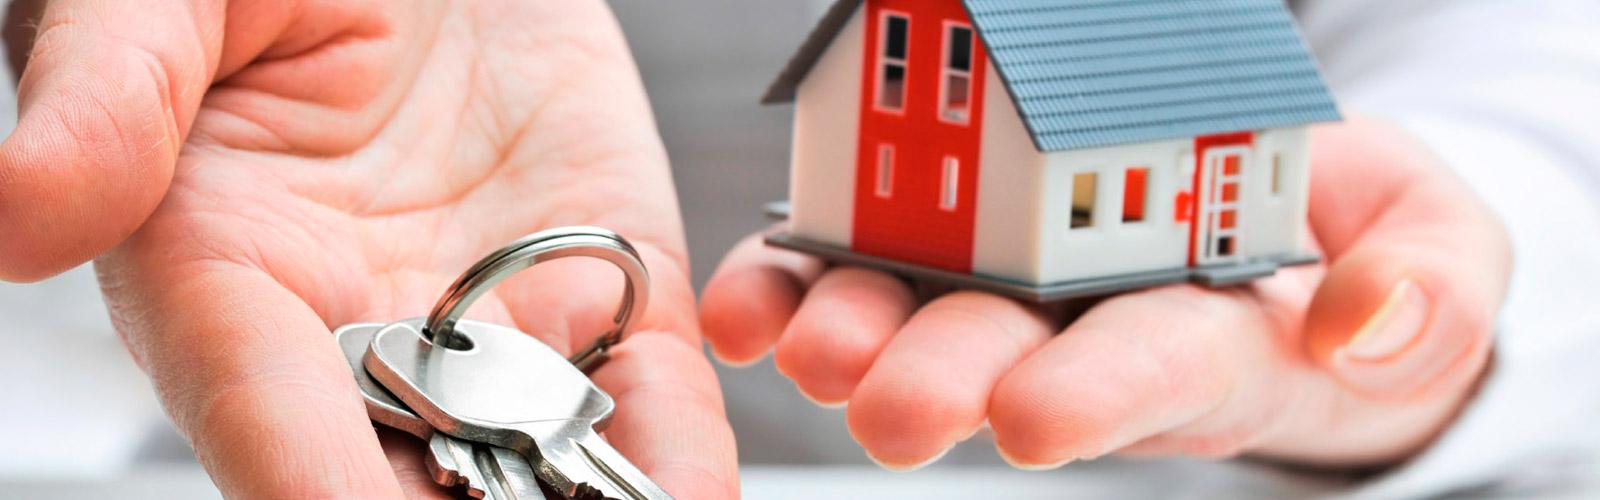 Servicio Asesoría legal compraventa de inmuebles